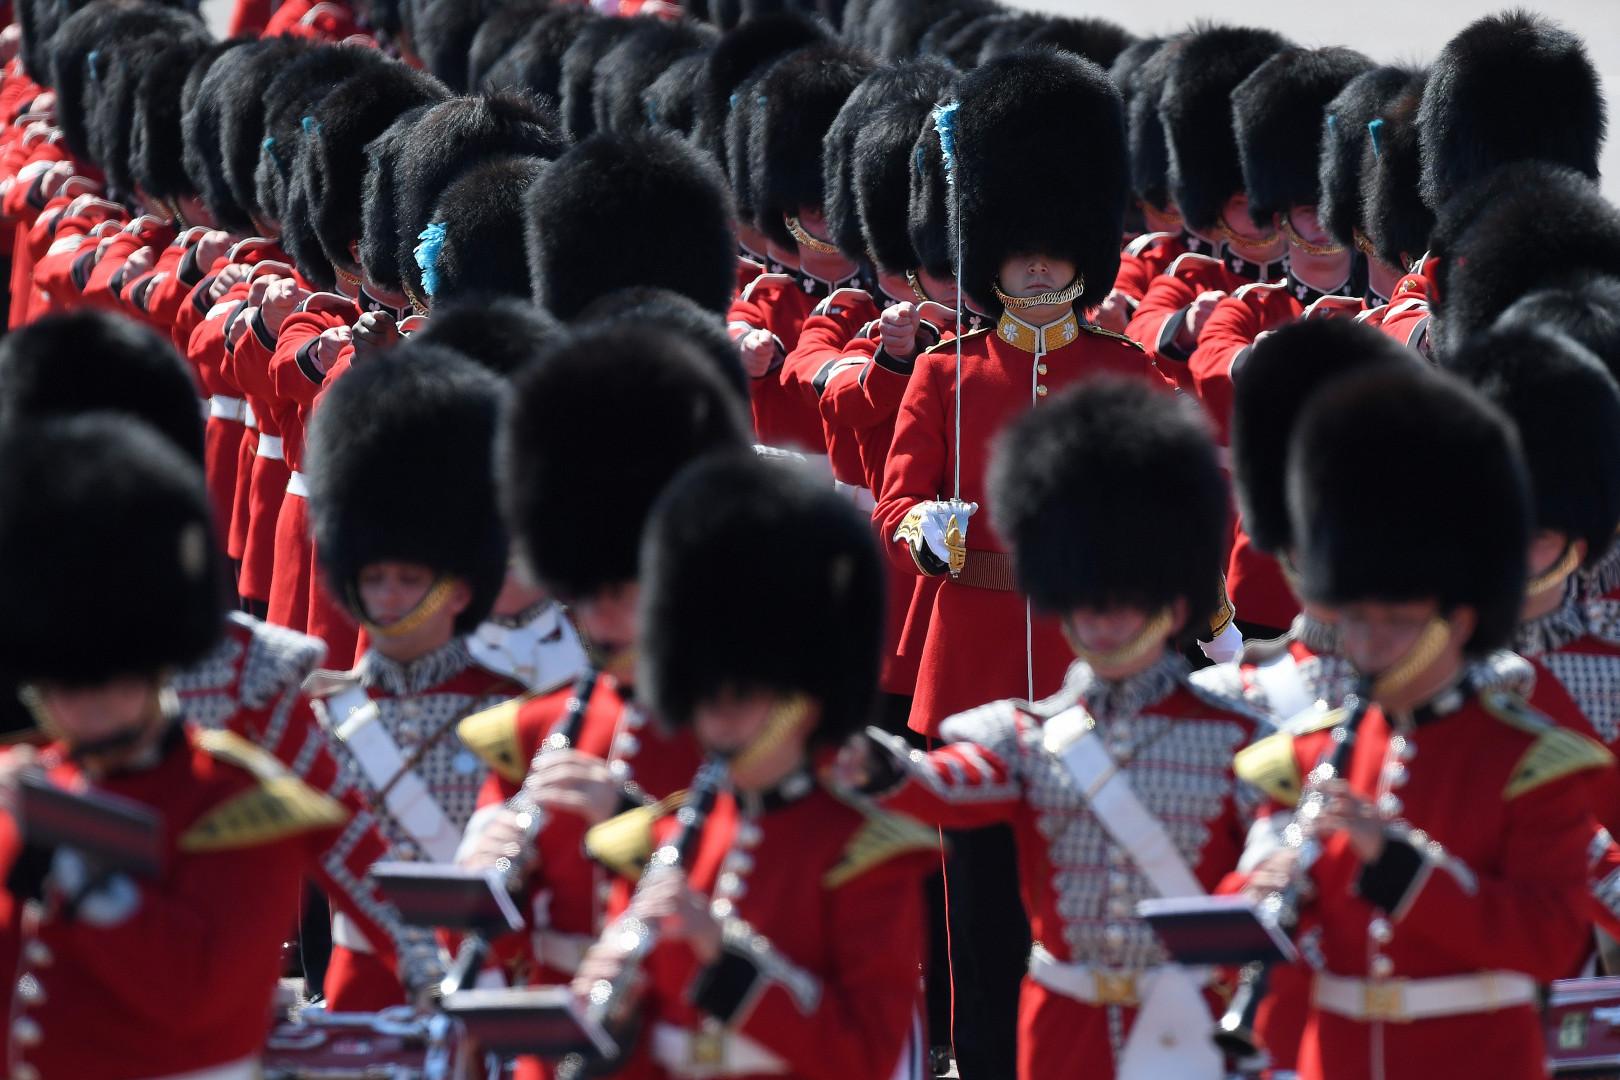 Les gardes britanniques, lors des célébrations du 91e anniversaire de la Reine, le 17 juillet 2017